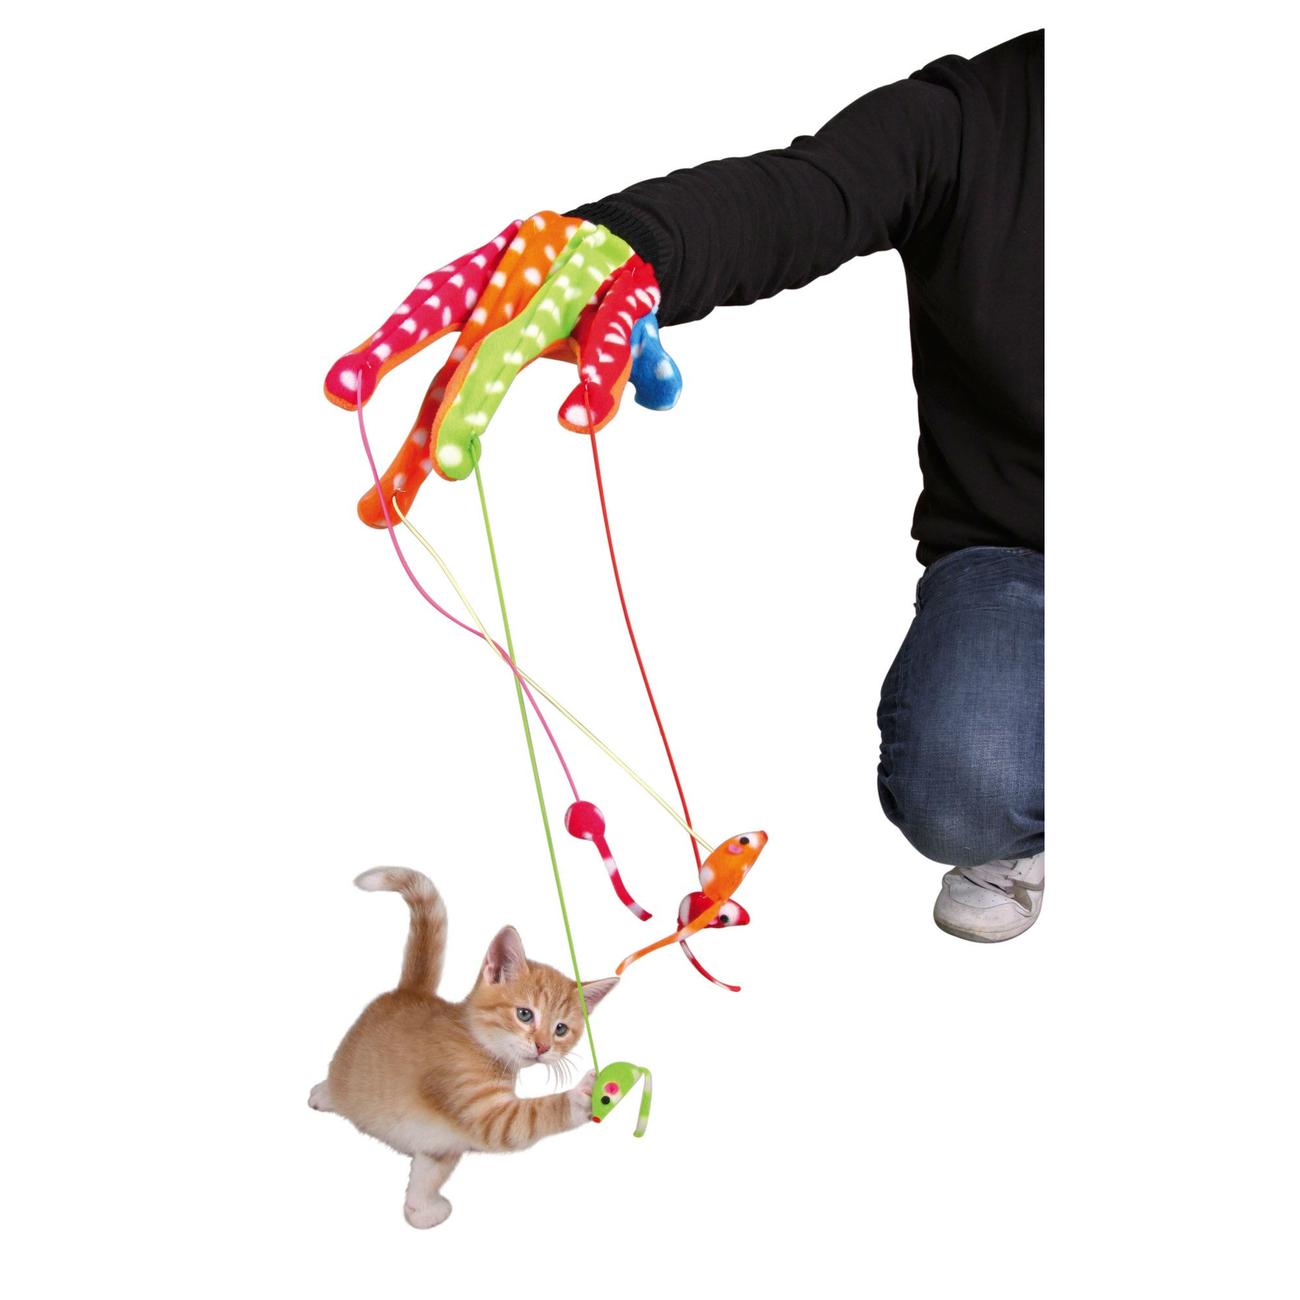 TRIXIE Katzen Handschuh mit 4 Hängemäusen 45631, Bild 3